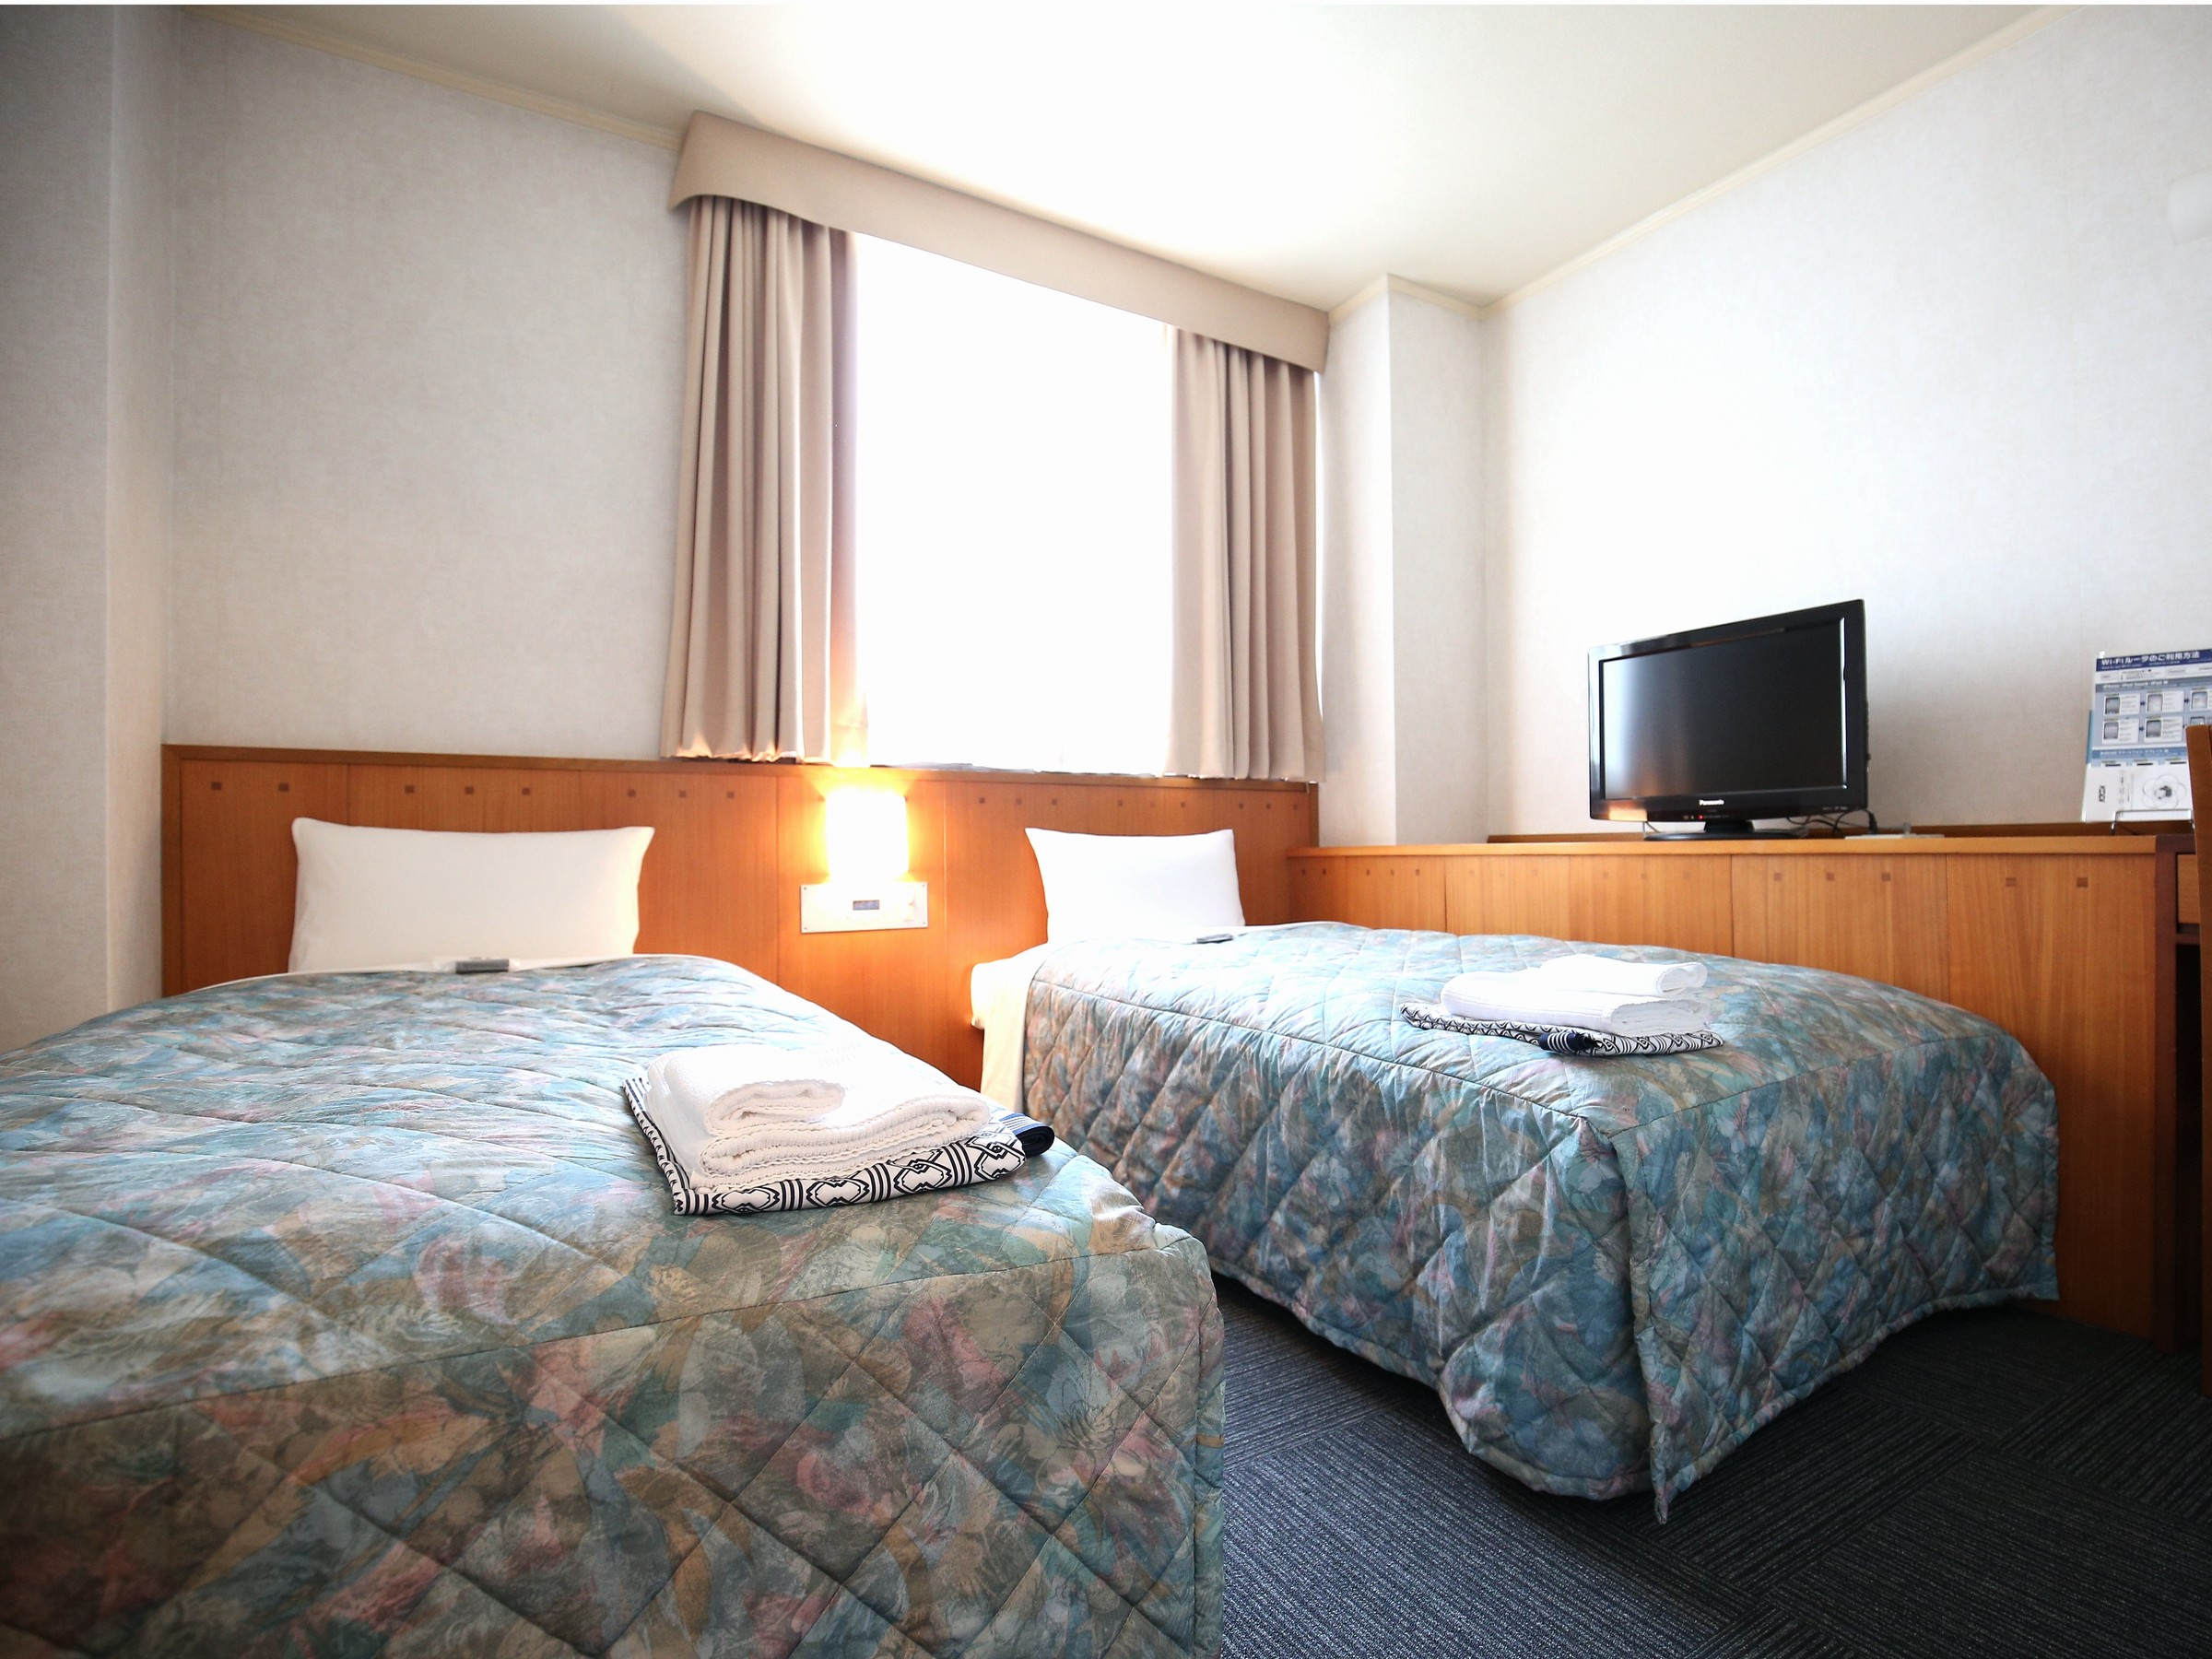 ホテル姫路プラザ / 【禁煙室】コンパクト・ツインルーム(2名部屋)■広さ13平米